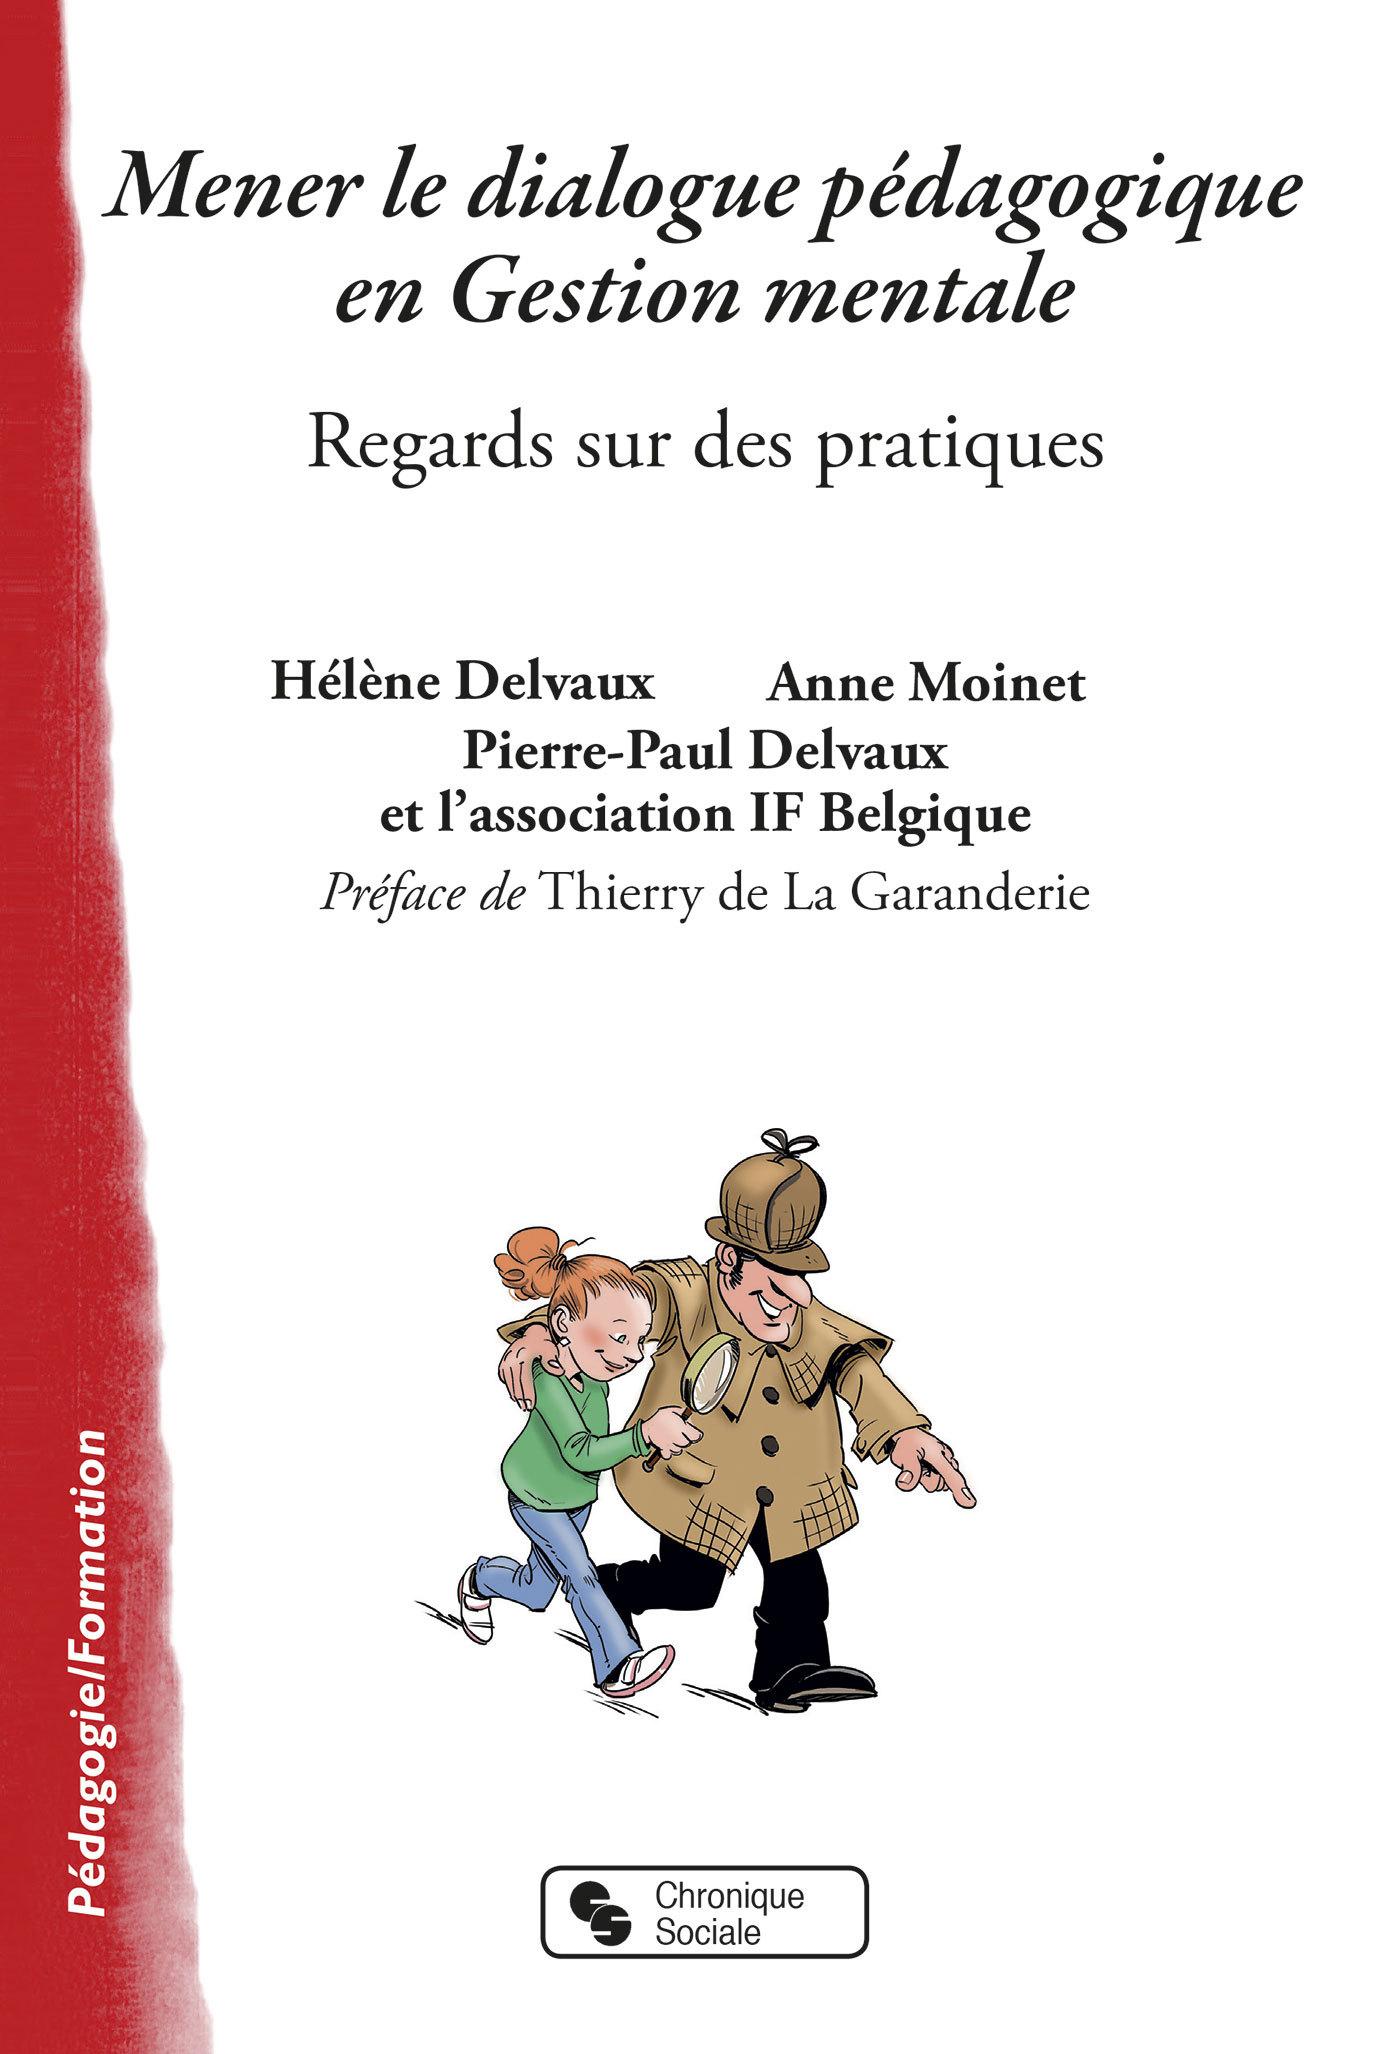 MENER LE DIALOGUE PEDAGOGIQUE EN GESTION MENTALE - REGARDS SUR DES PRATIQUES